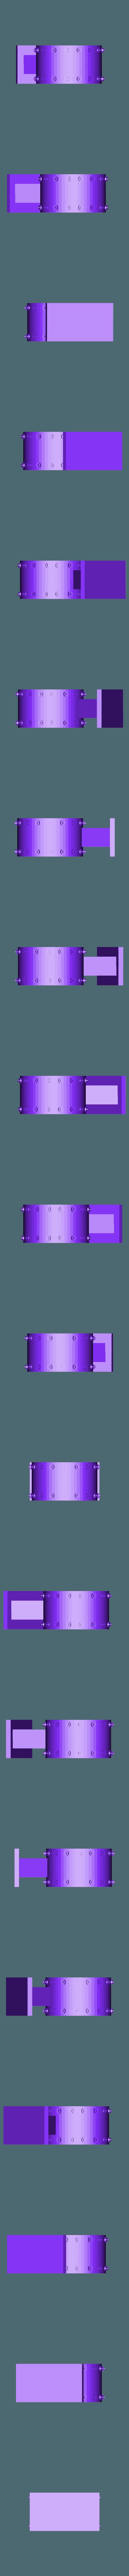 pipe_stand.stl Télécharger fichier STL gratuit Sci-fi Réseau de tuyaux modulaire pour les paysages de wargaming • Objet à imprimer en 3D, redstarkits